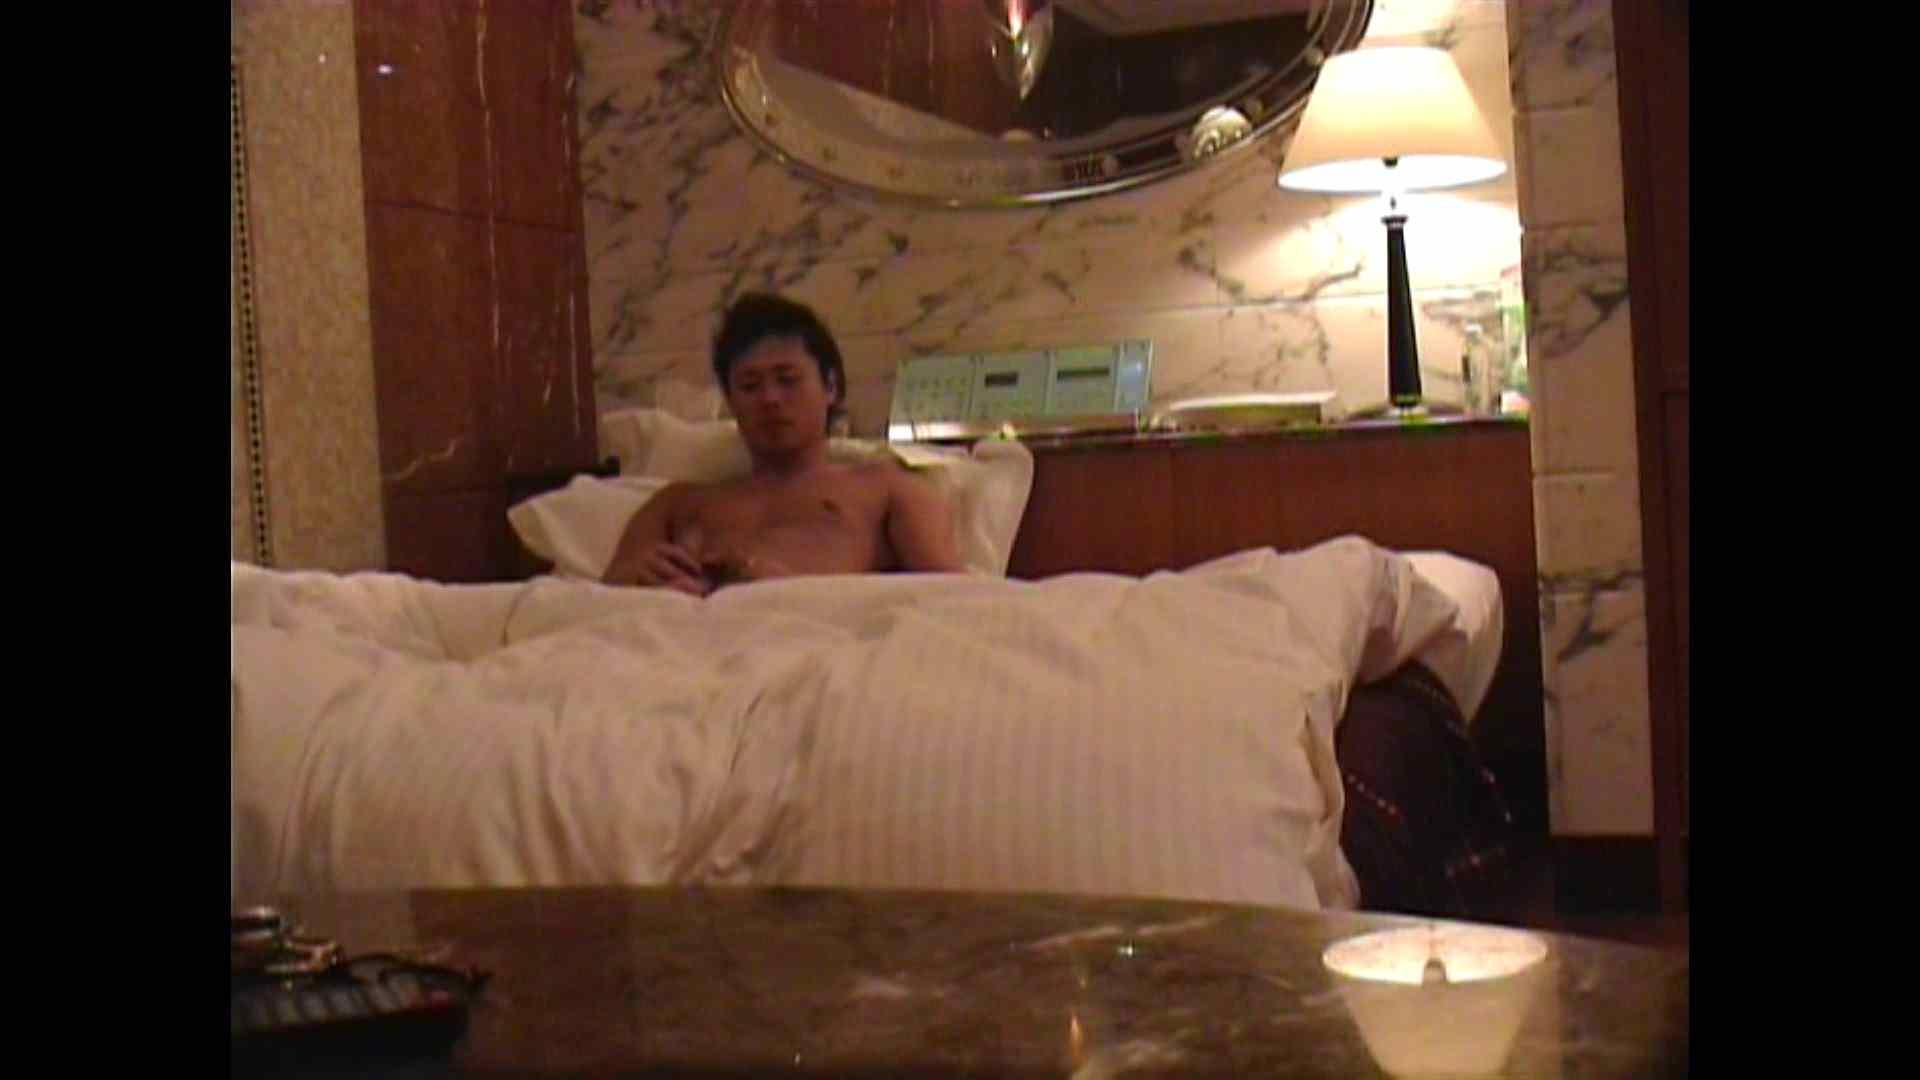 オナ好き五郎さん投稿!イケメン限定、オナニーでイク瞬間を撮影 その2 ノンケ ゲイ無料エロ画像 98連発 13